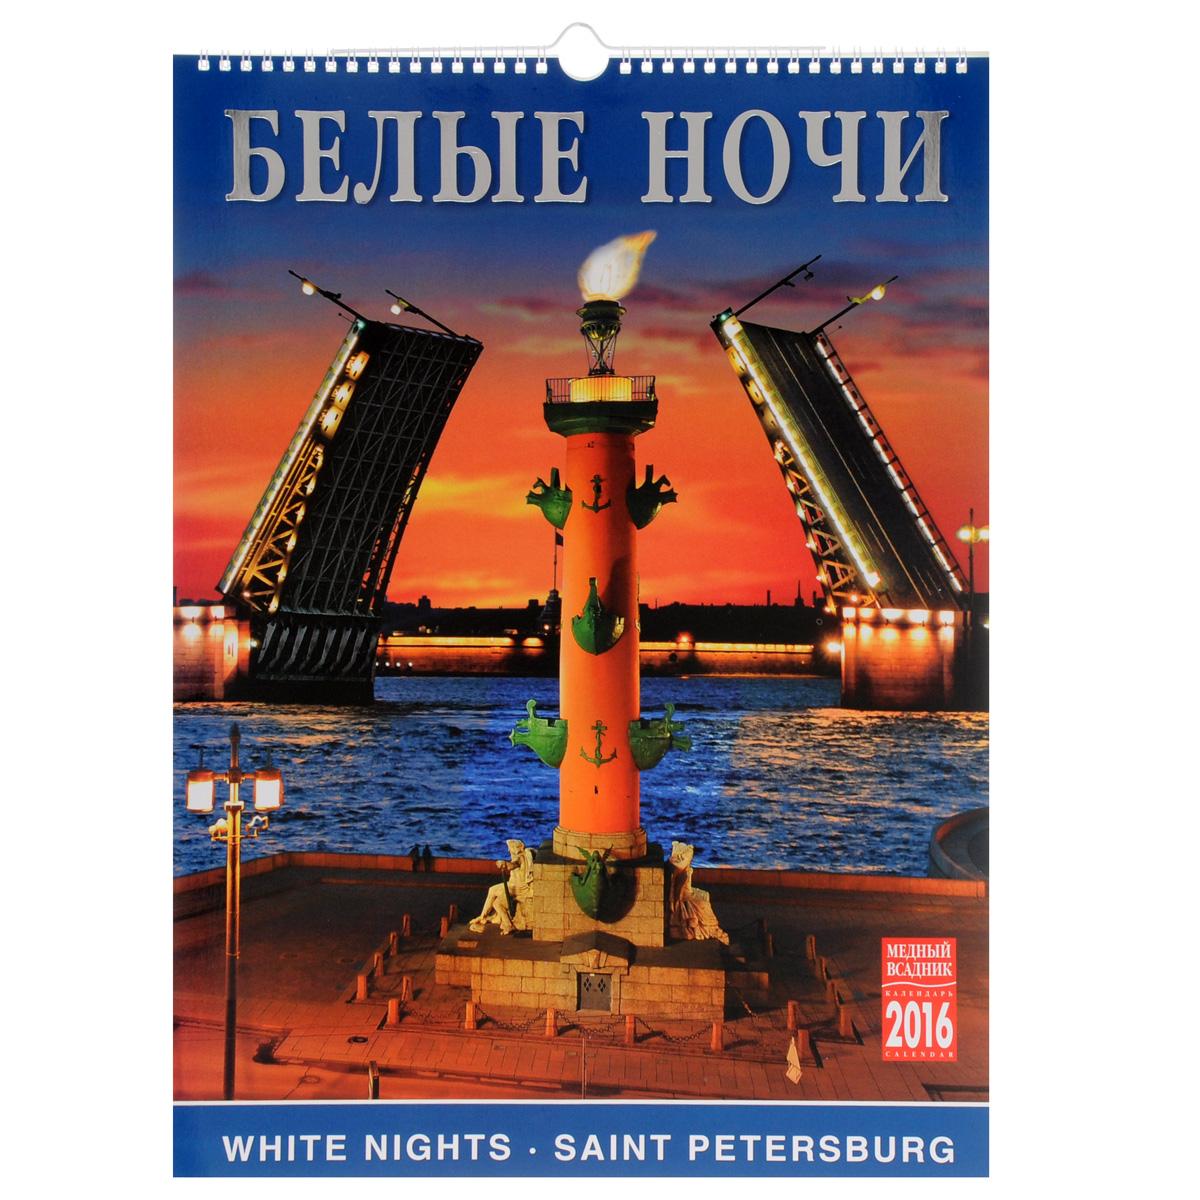 Календарь 2016 (на спирали). Санкт-Петербург. Белые ночи / Saint Petersburg: White Nights